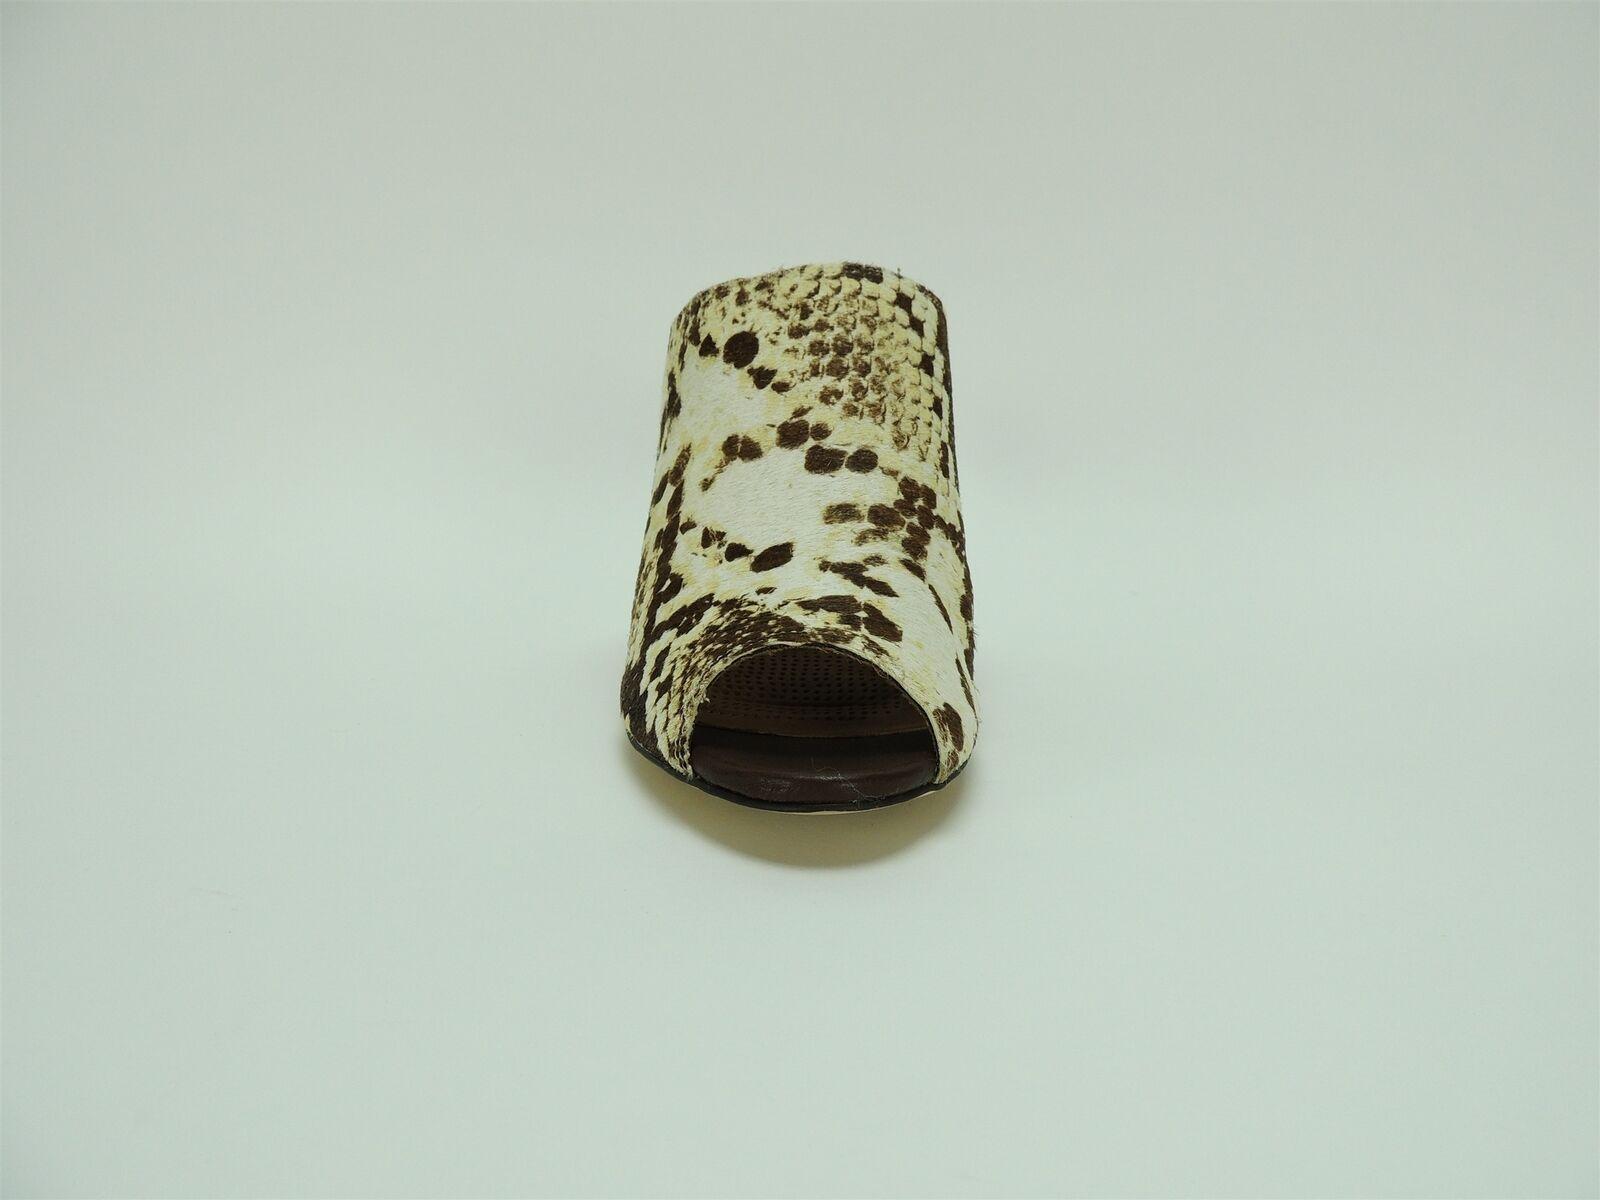 Corso Como Women's Central Wedge Sandal Natural Multi Hair Snake Snake Snake Size 9.5 M e07917